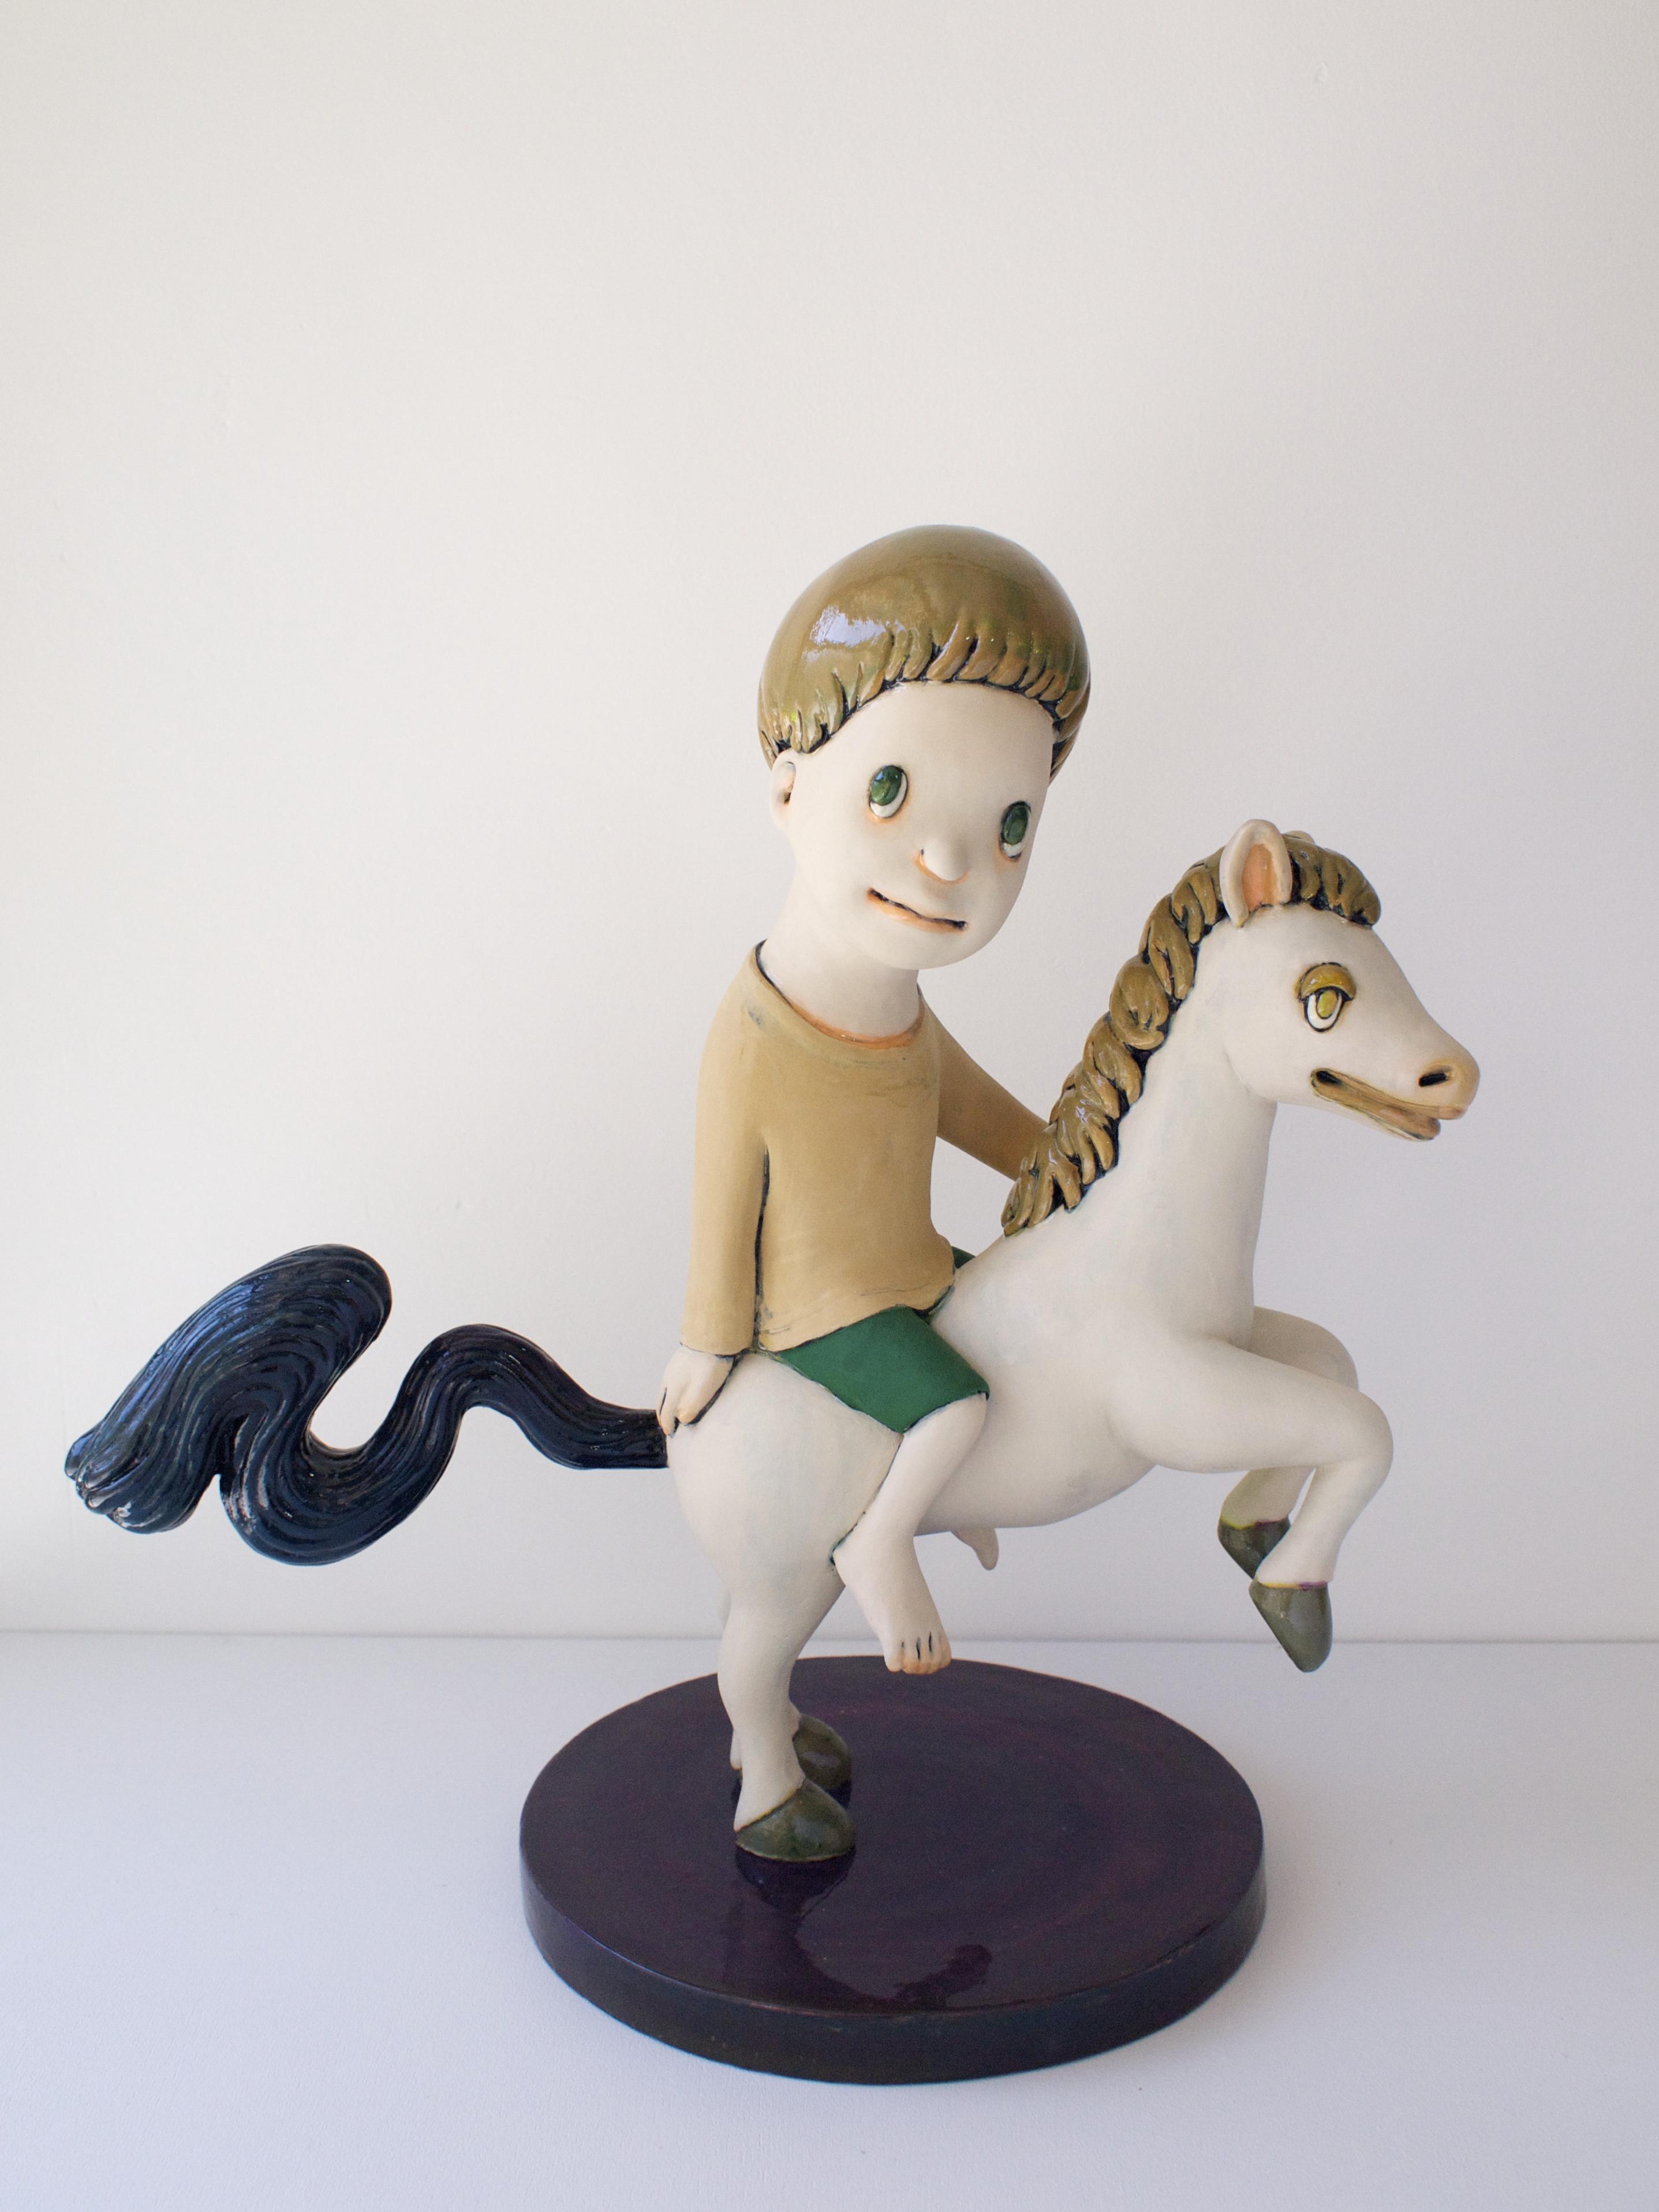 馬に乗ったわたし